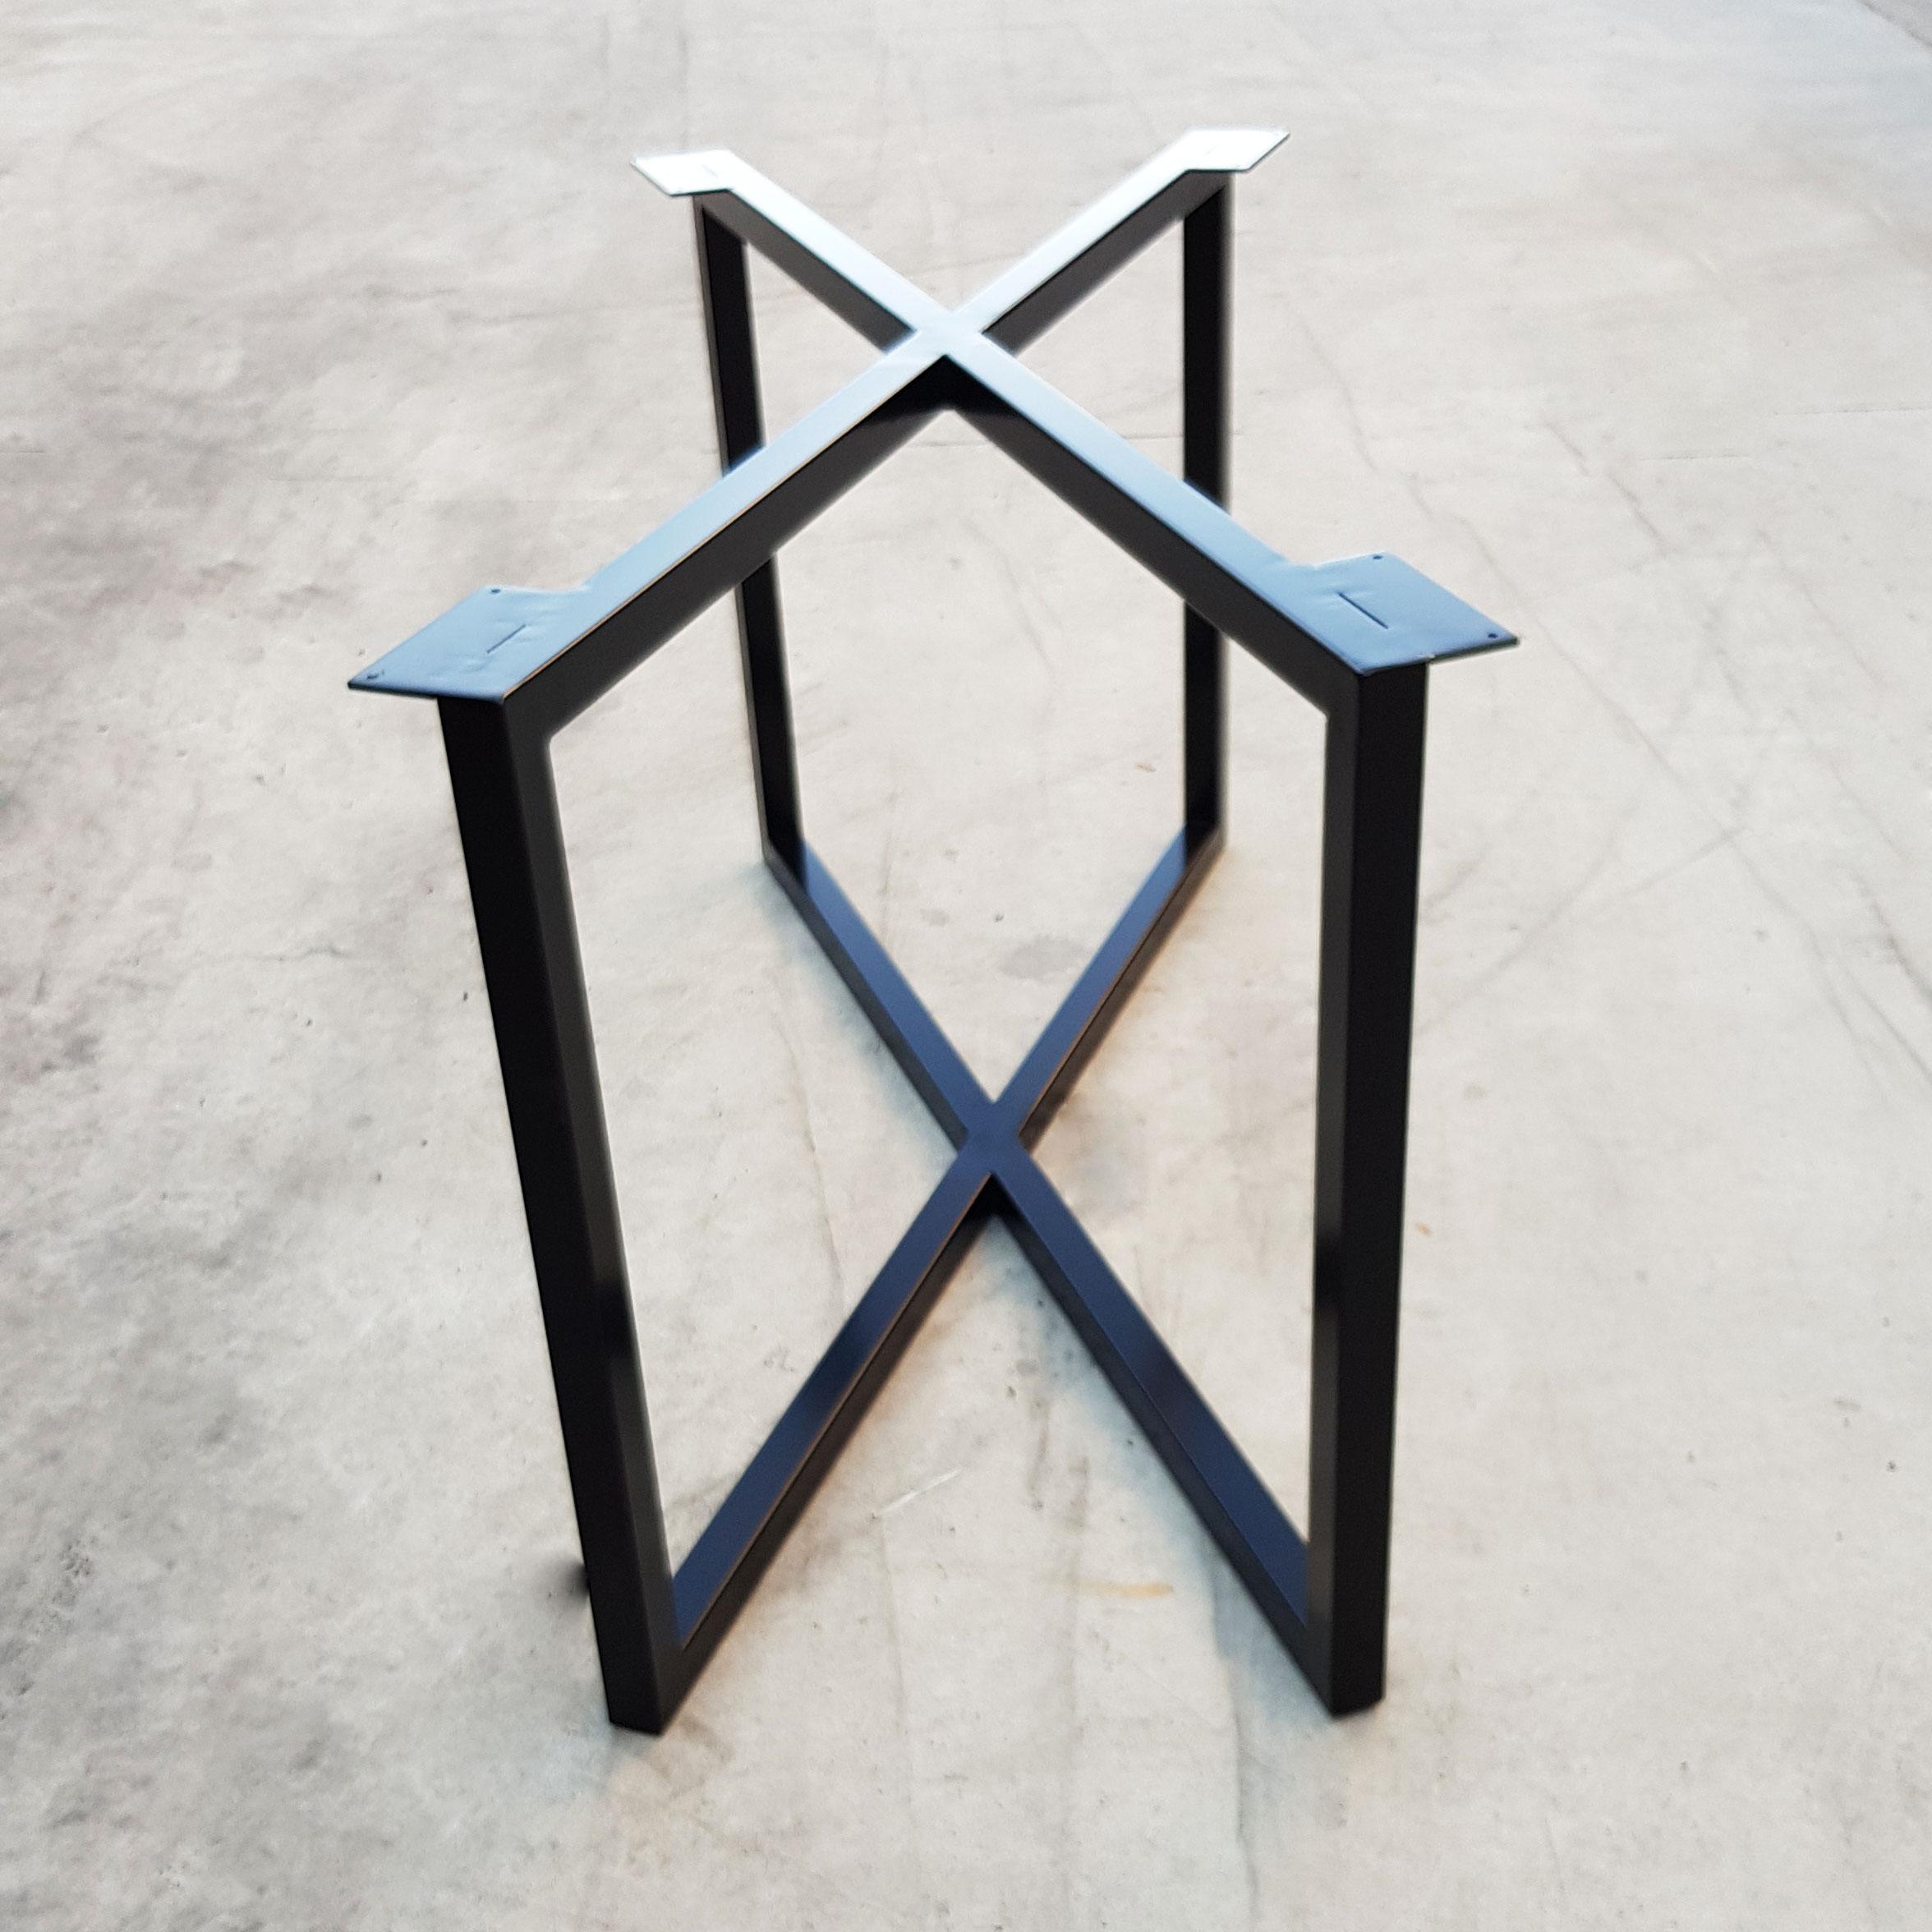 Crossed-Frame-Table-Base-Side-View.jpg